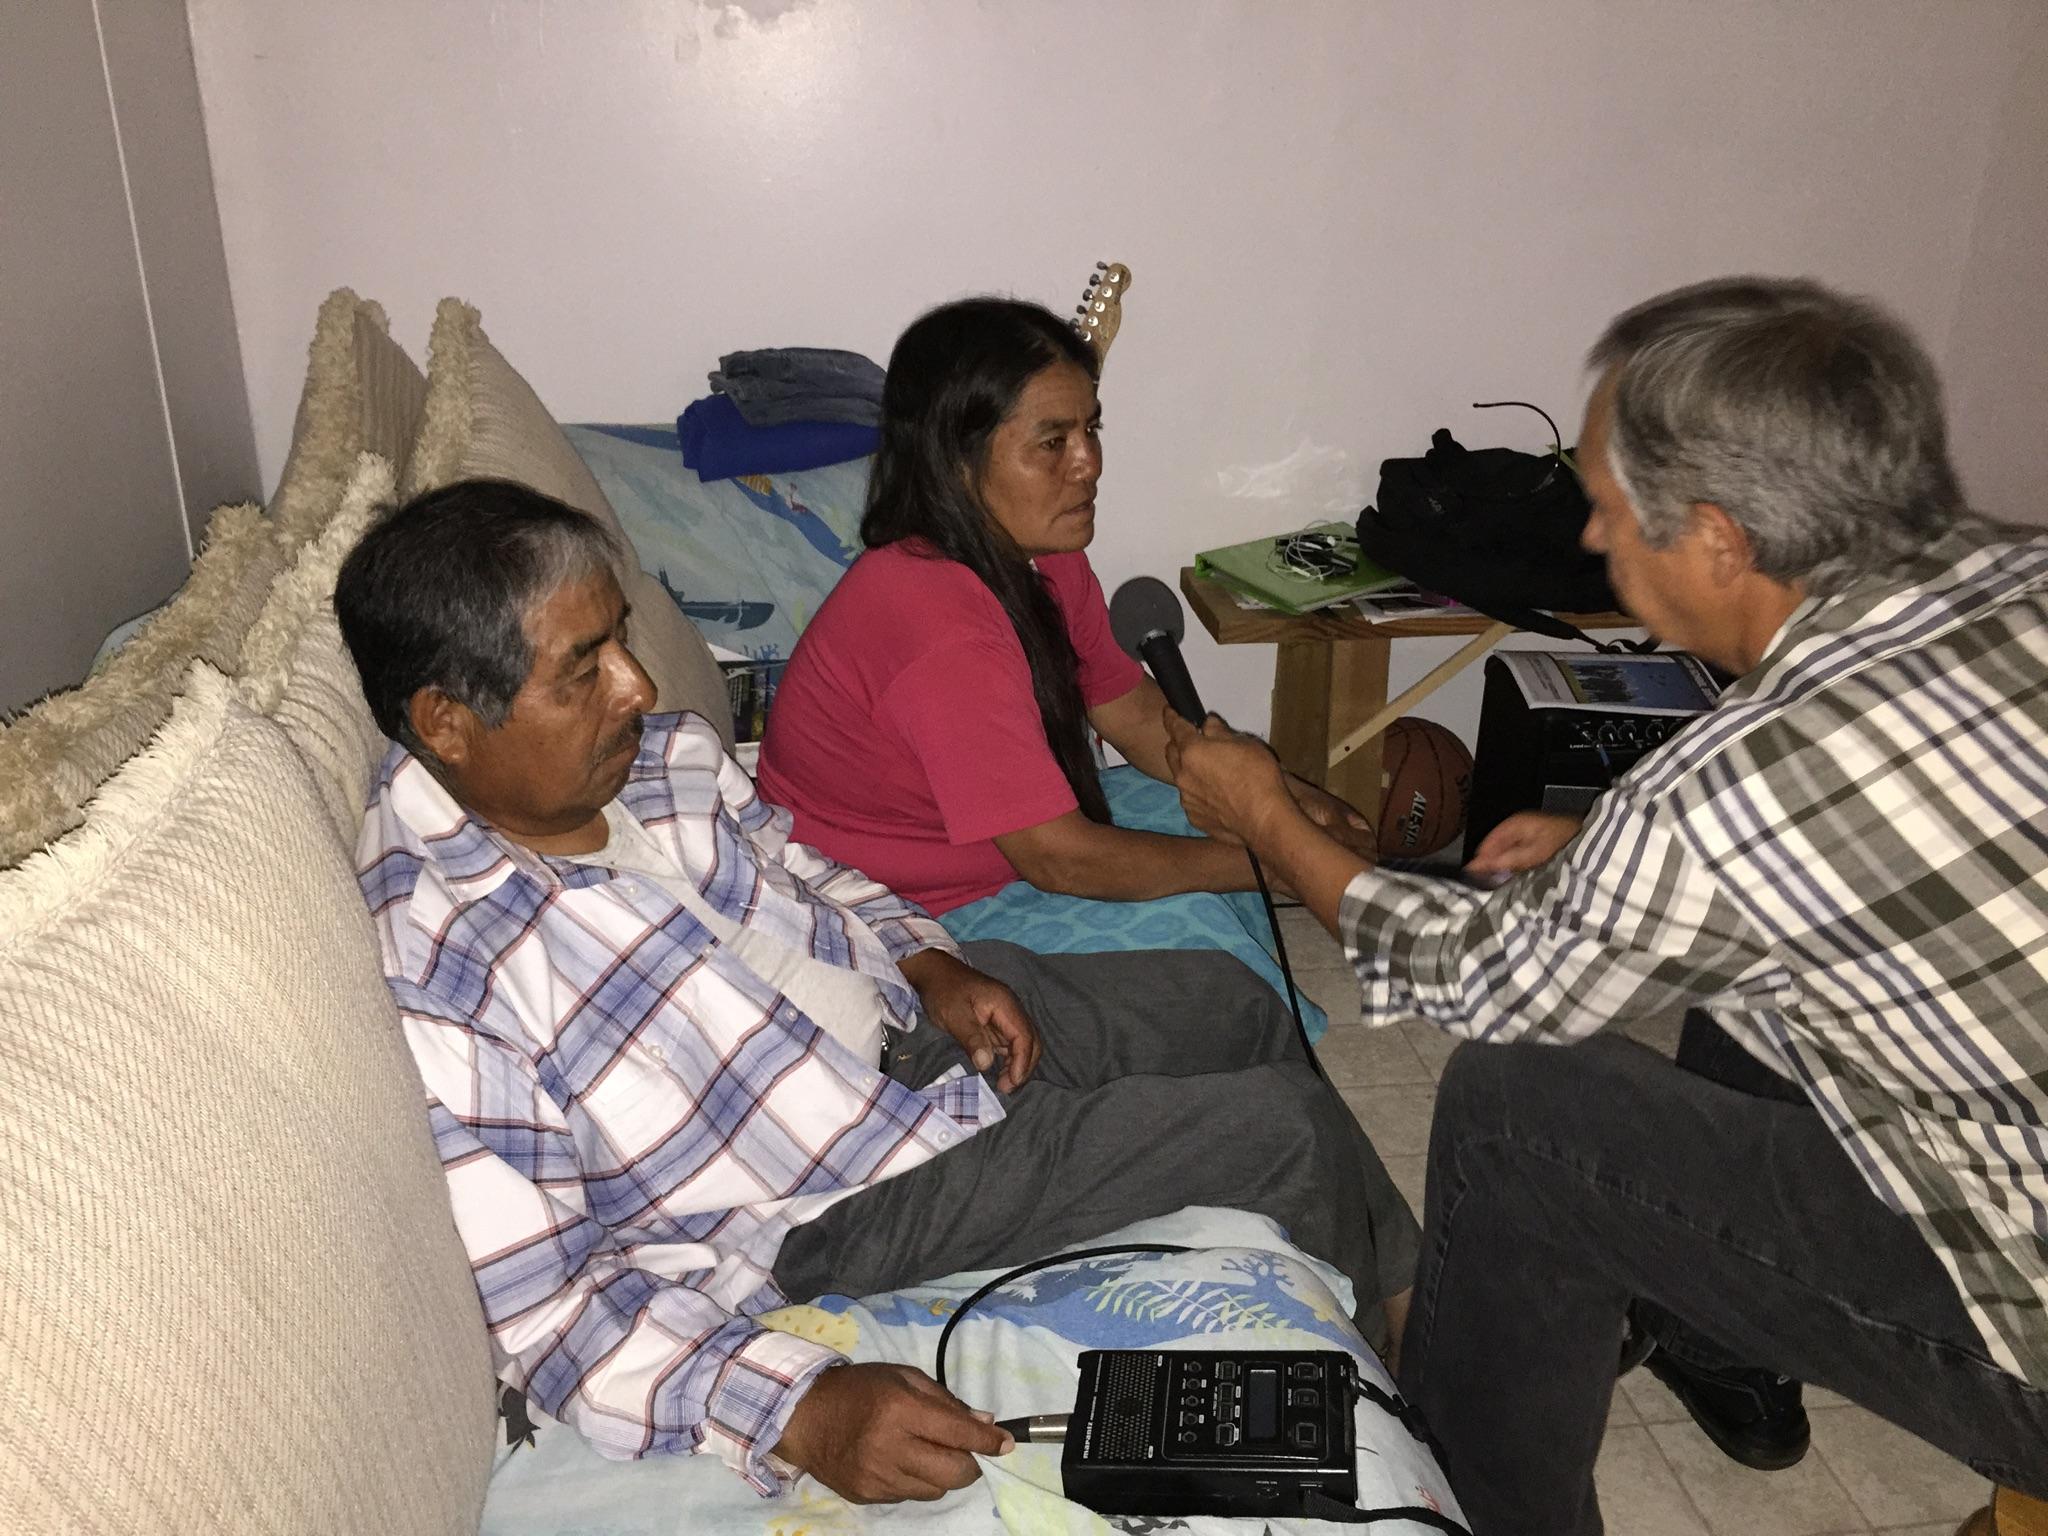 José Ernesto Hernández y su esposa Marcelina dicen que han tenido muchas dificultades con la traducción. Foto Cortesía de Fausto Sánchez, CRLA.